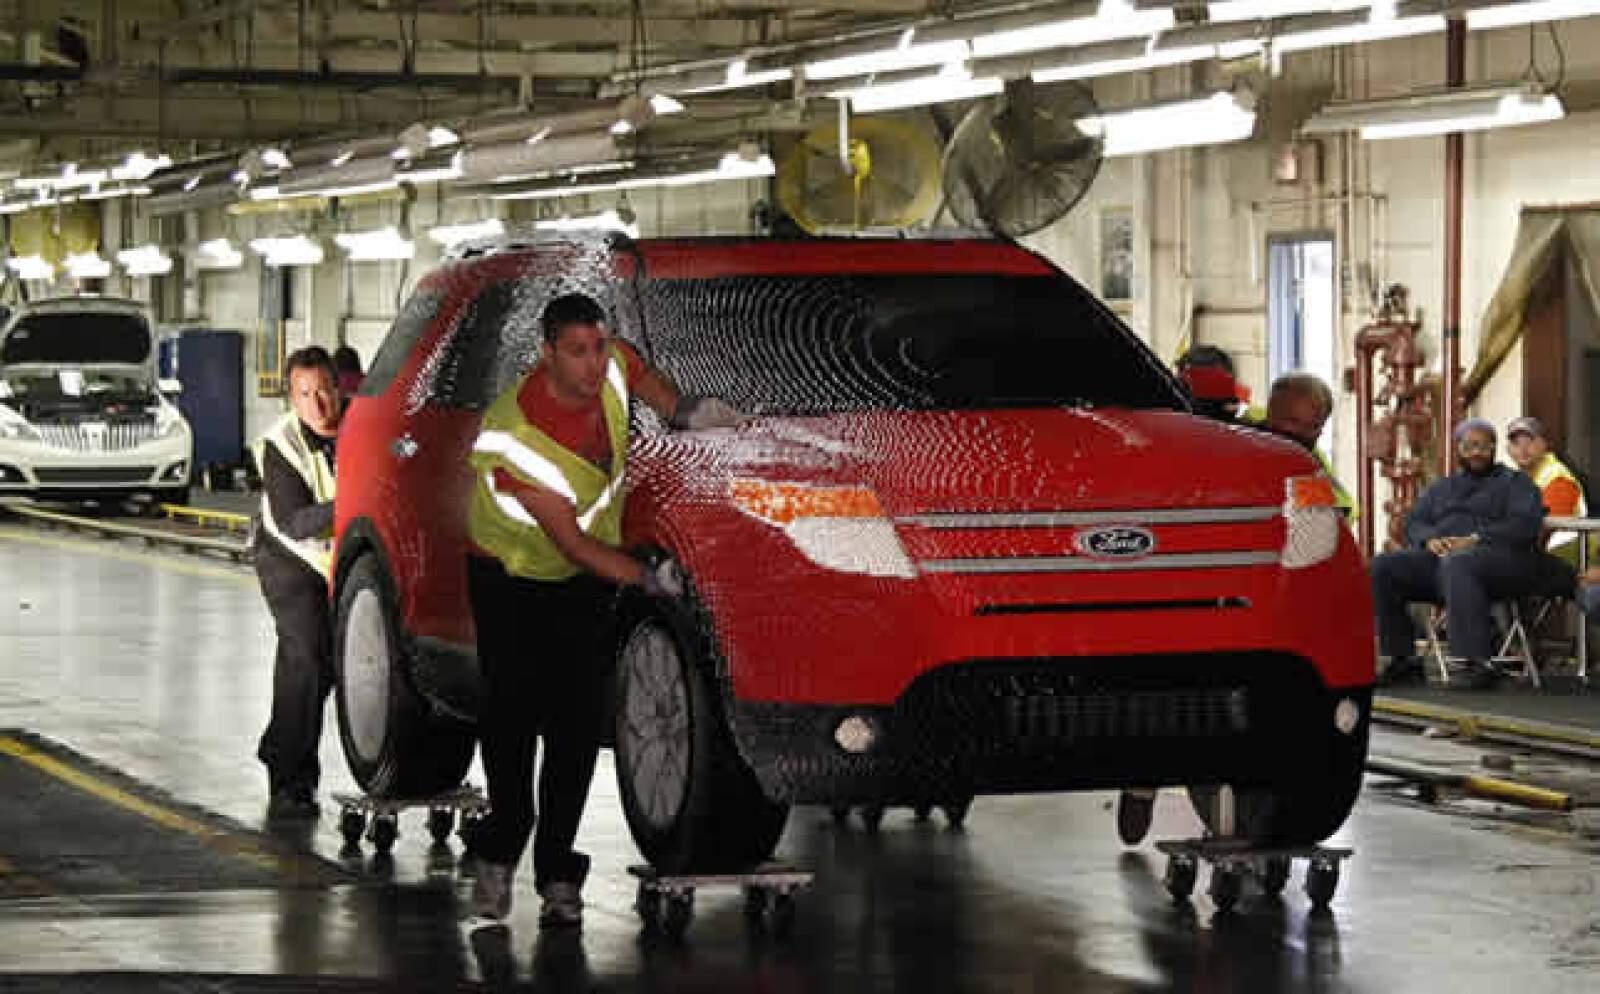 El parque también muestra una réplica de tamaño real de una camioneta Ford Explorer, que requirió 382,858 piezas, y 2500 horas de trabajo.